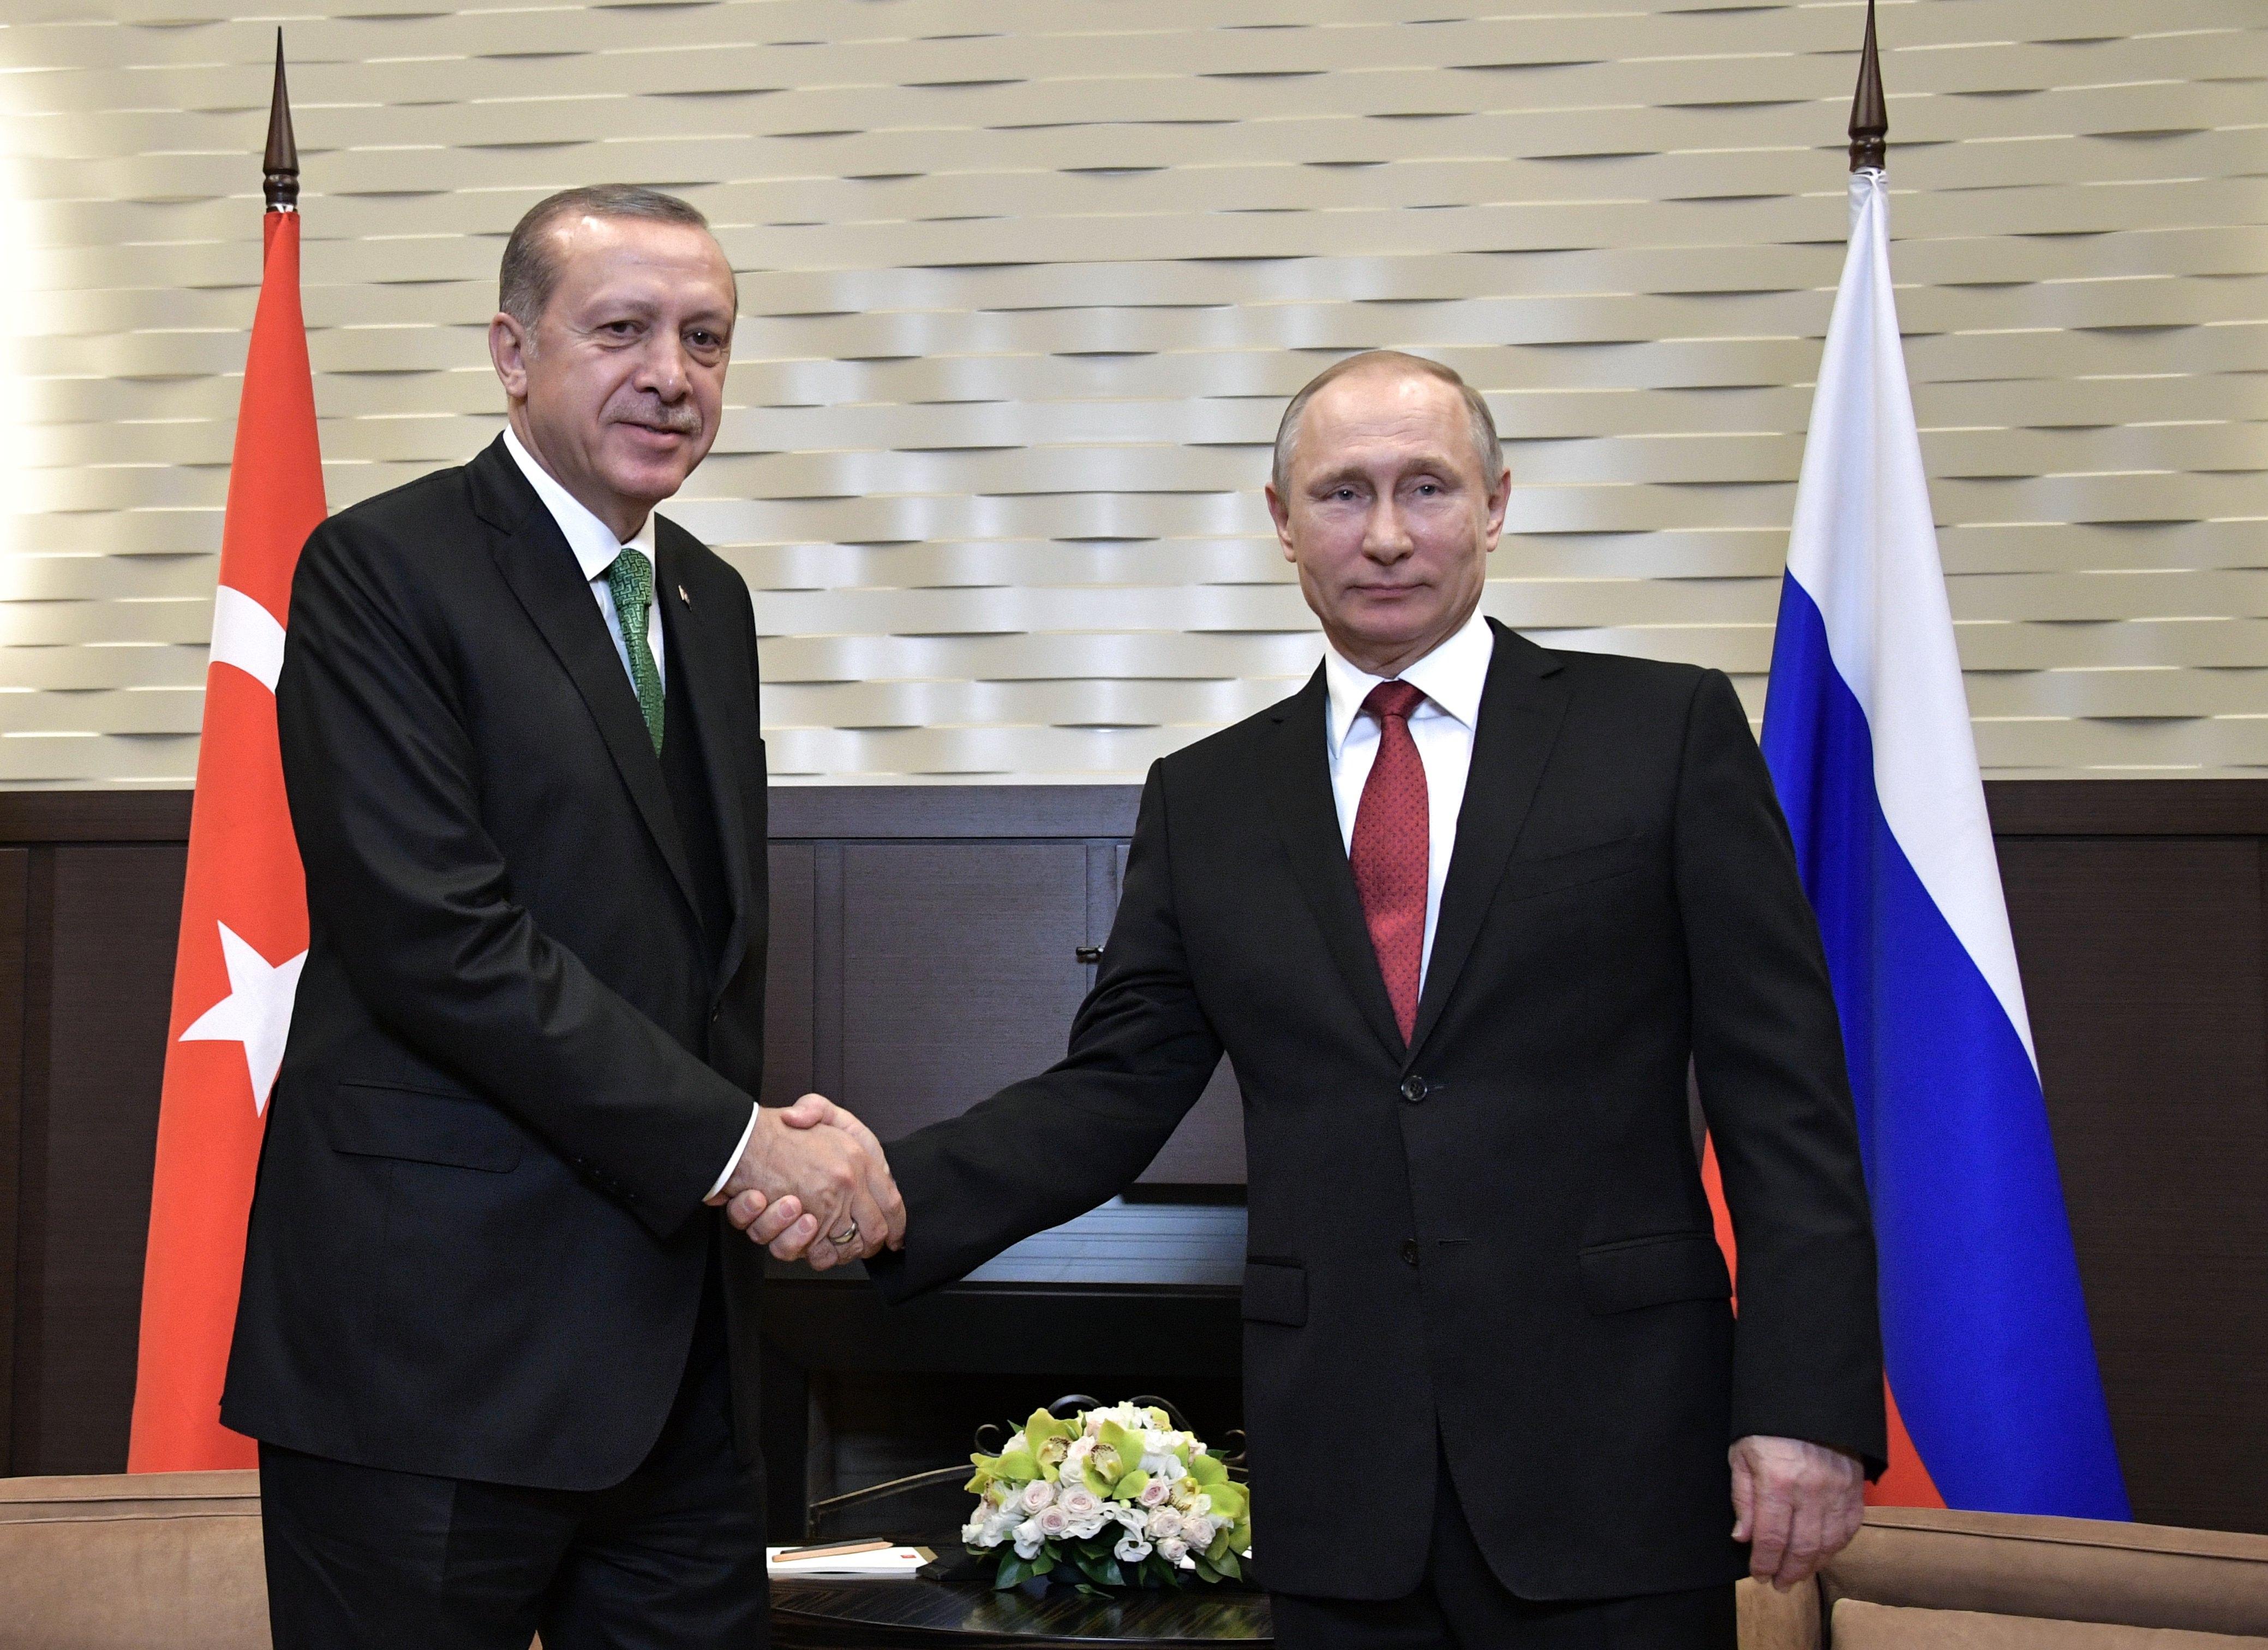 Nieuws over Erdogan